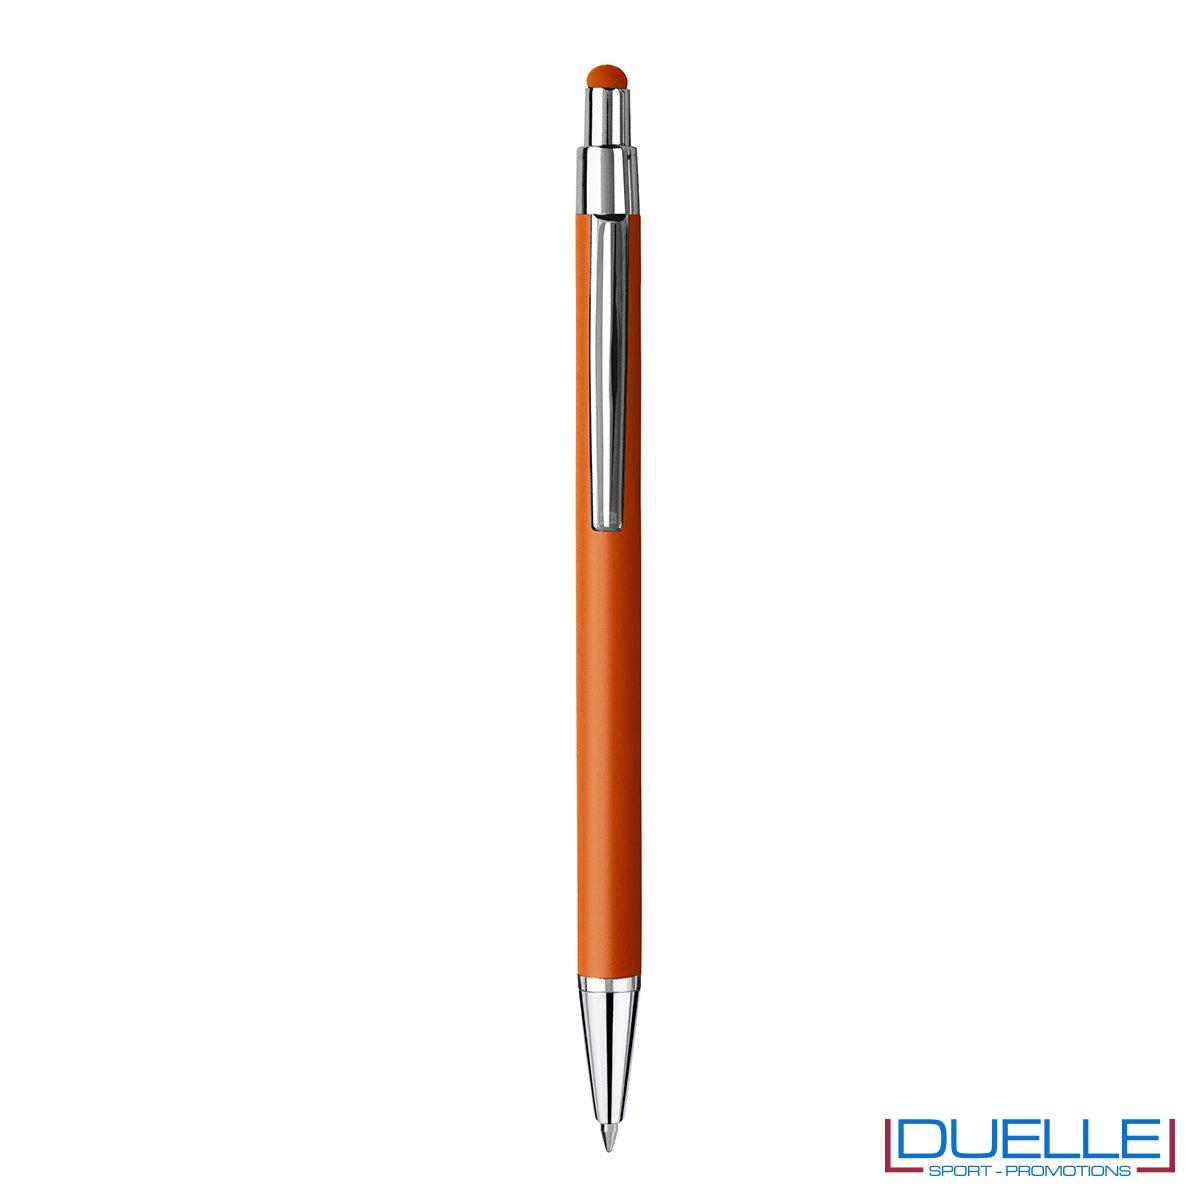 Penna personalizzata finitura soft touch colore arancione